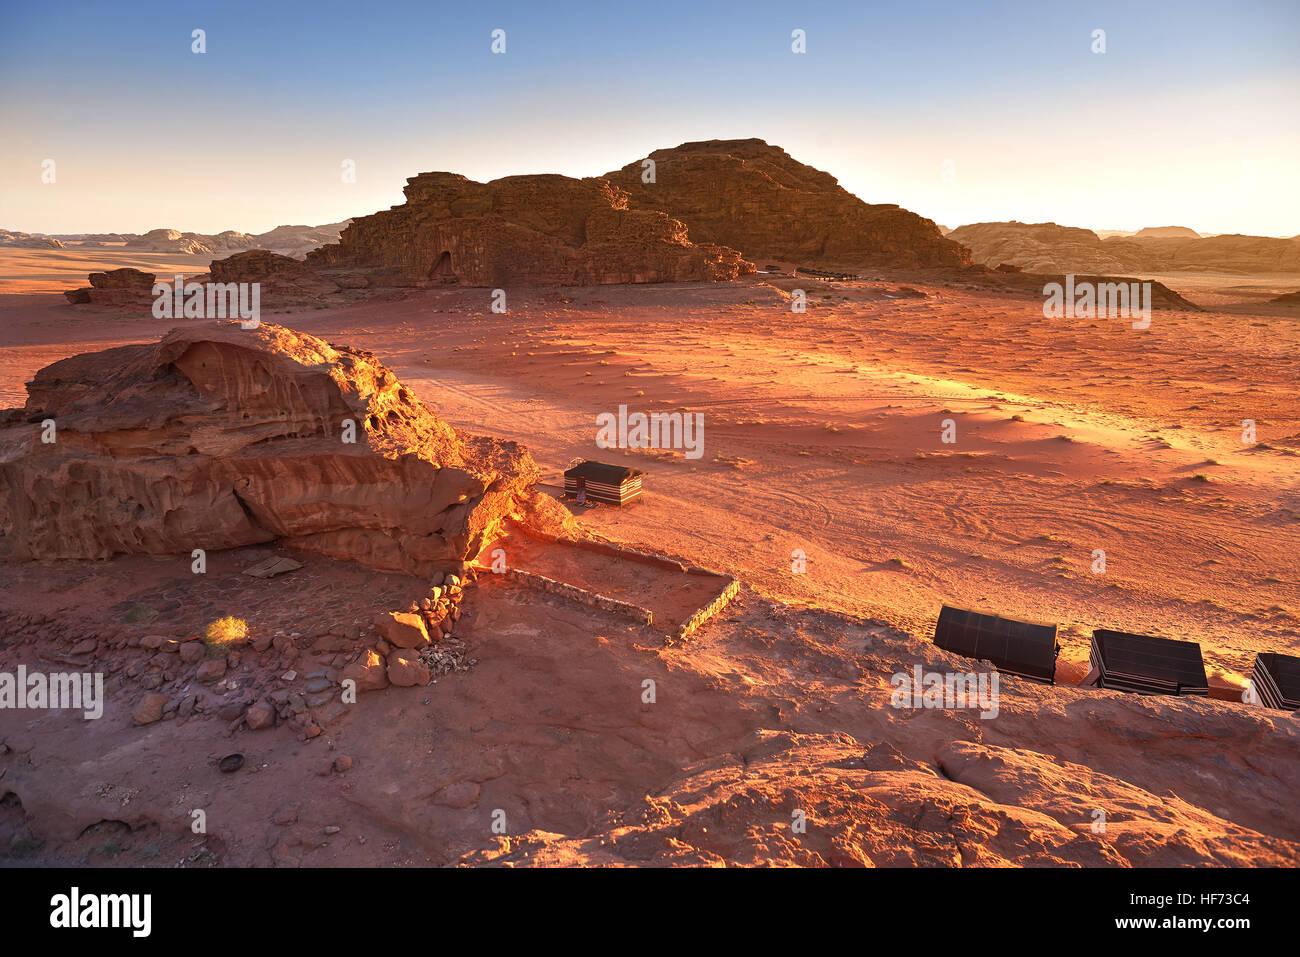 Vista panoramica di Wadi Rum contro il cielo chiaro durante il Sunrise, deserto Arabico, Giordania Immagini Stock